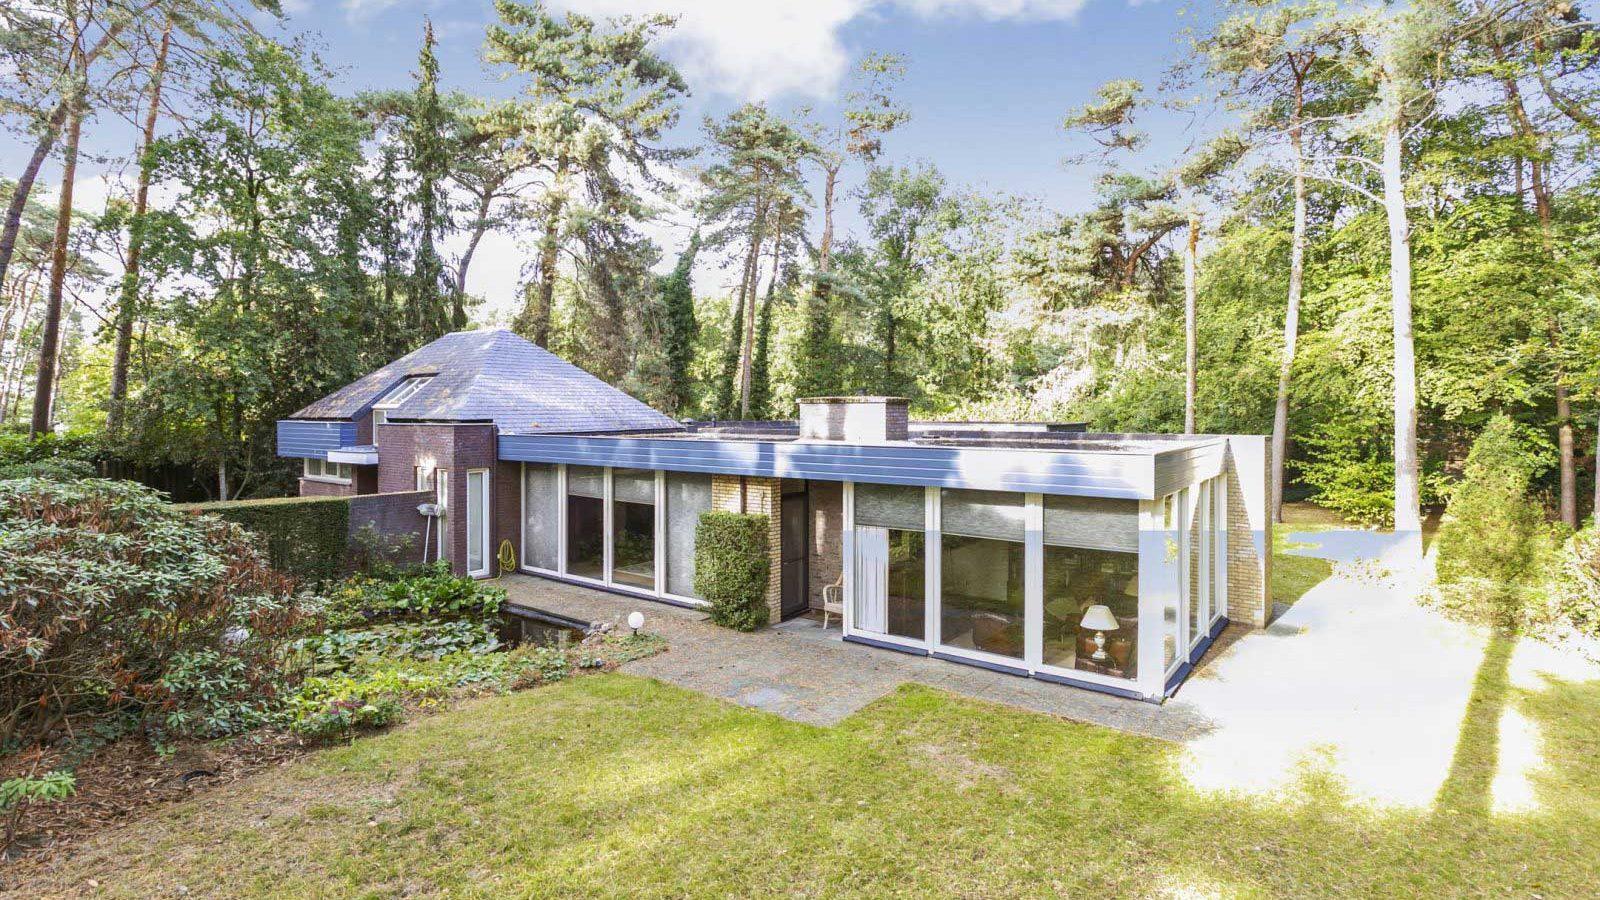 VanderLandelaan25Herkenbosch-EXT-49-1600x1067